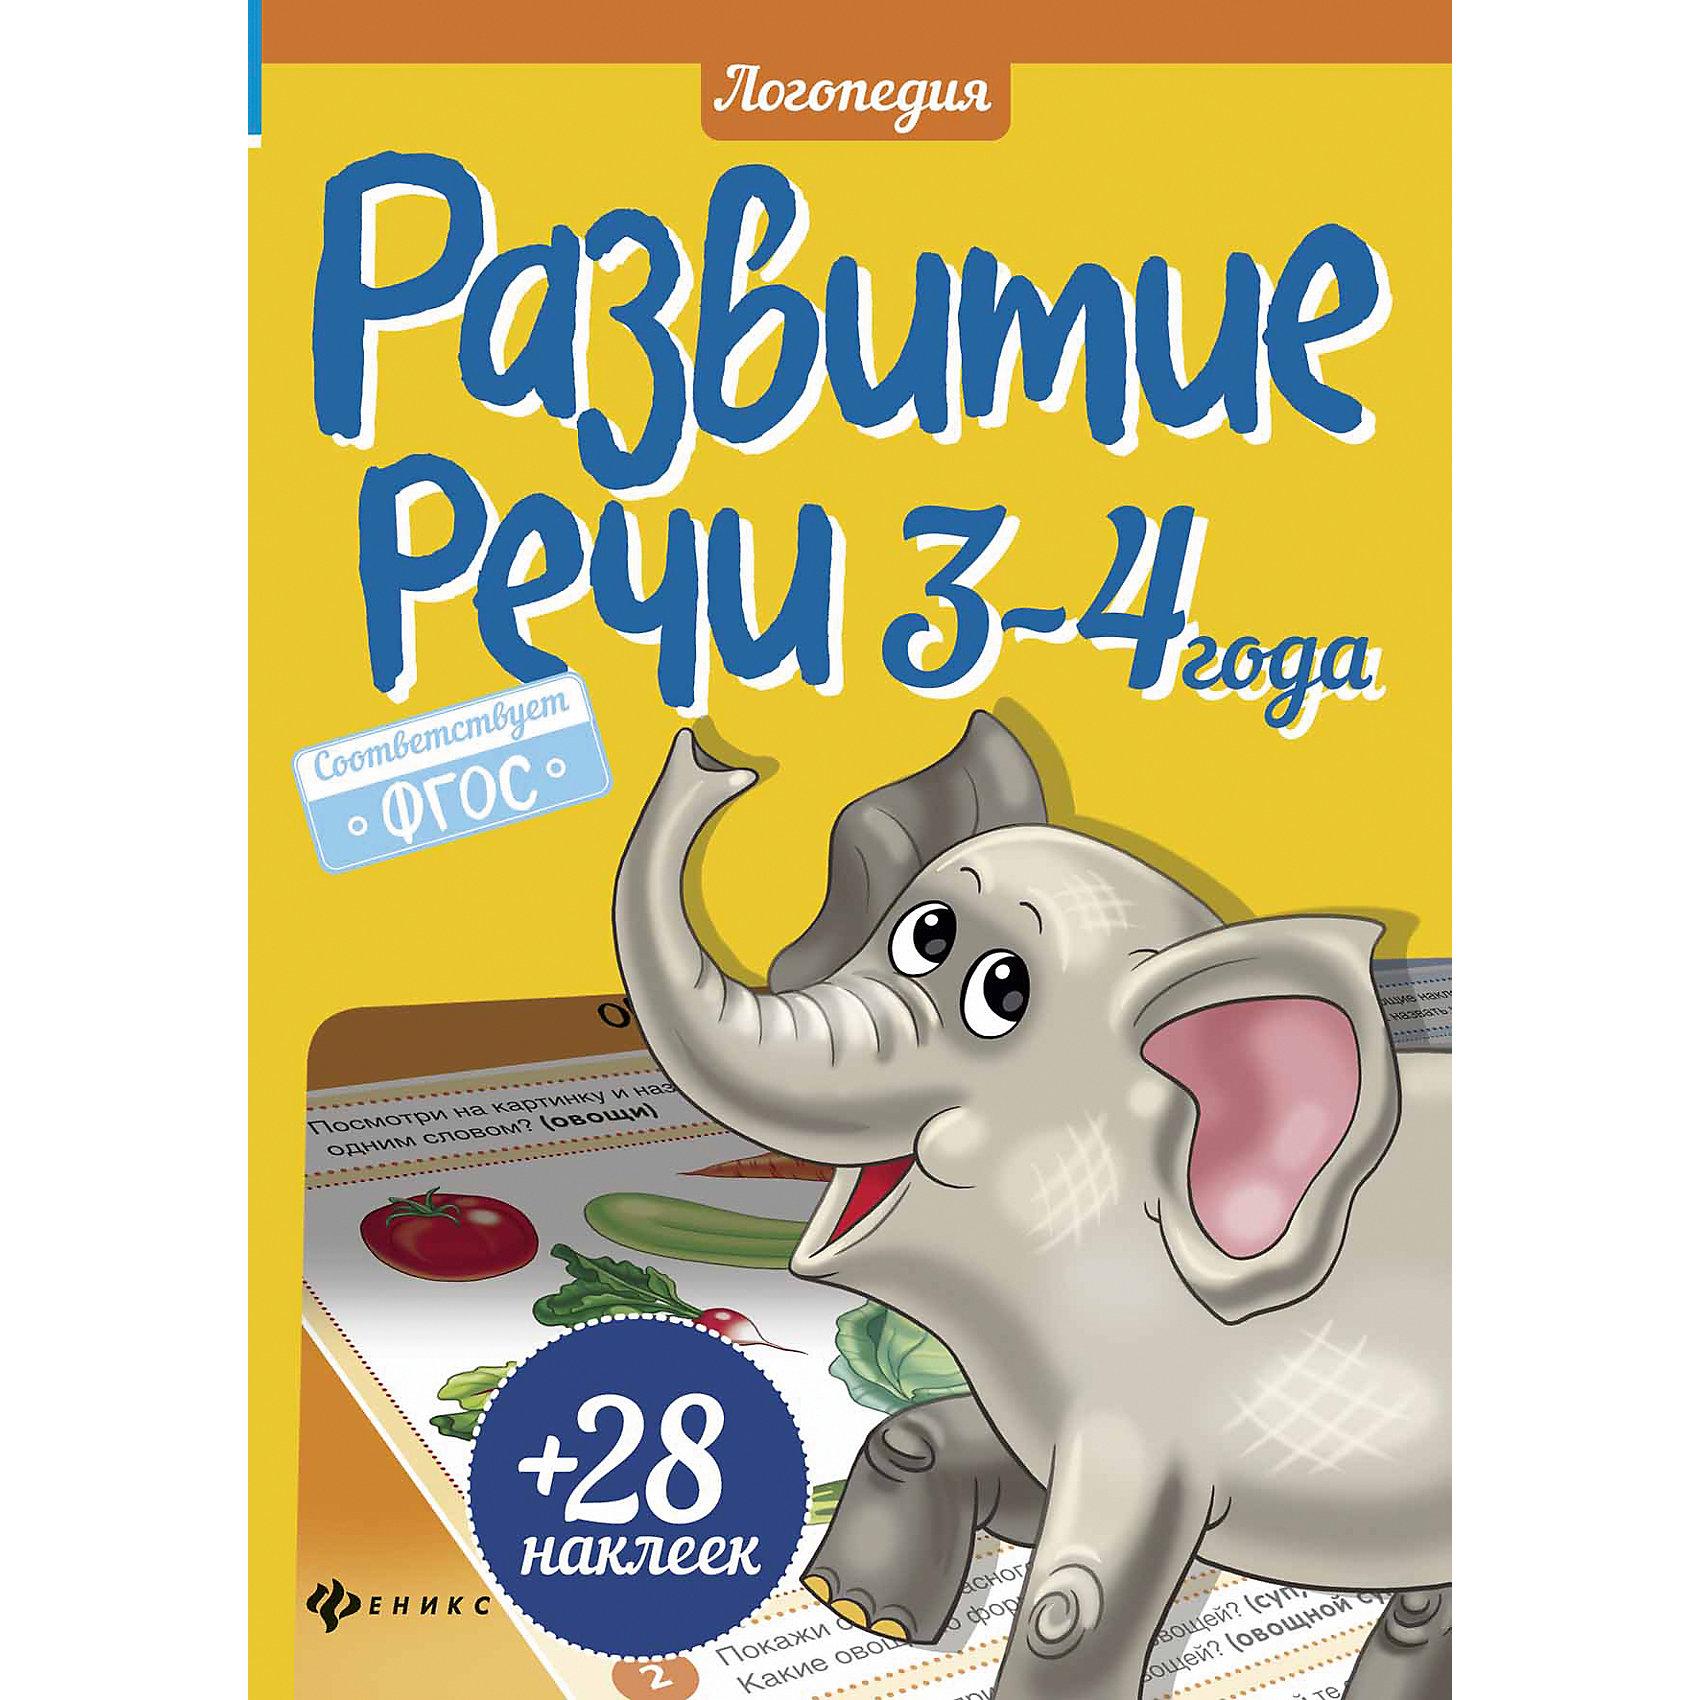 Развитие речи, 3-4 годаКниги для развития речи<br>Развитие речи, 3-4 года<br><br>Характеристики: <br><br>• Кол-во страниц: 24<br>• ISBN: 9785222268605<br>• Возраст: 3-4 года<br>• Обложка: мягкая<br>• Формат: а4<br><br>Эта книга поможет родителям научить своих детей правильно и красиво говорить. Заниматься можно начинать с дошкольного возраста и работать с книгой дома. Благодаря имеющимся в пособии подсказкам для родителей, процесс обучения становится проще и увлекательнее. Обучаясь по этой книге ребенок сможет научиться грамотно излагать свои мысли, развить словарный запас и логику. А яркие задания, игры и наклейки с делают обучения легким и приятным.<br><br>Развитие речи, 3-4 года можно купить в нашем интернет-магазине.<br><br>Ширина мм: 290<br>Глубина мм: 205<br>Высота мм: 20<br>Вес г: 104<br>Возраст от месяцев: -2147483648<br>Возраст до месяцев: 2147483647<br>Пол: Унисекс<br>Возраст: Детский<br>SKU: 5464551